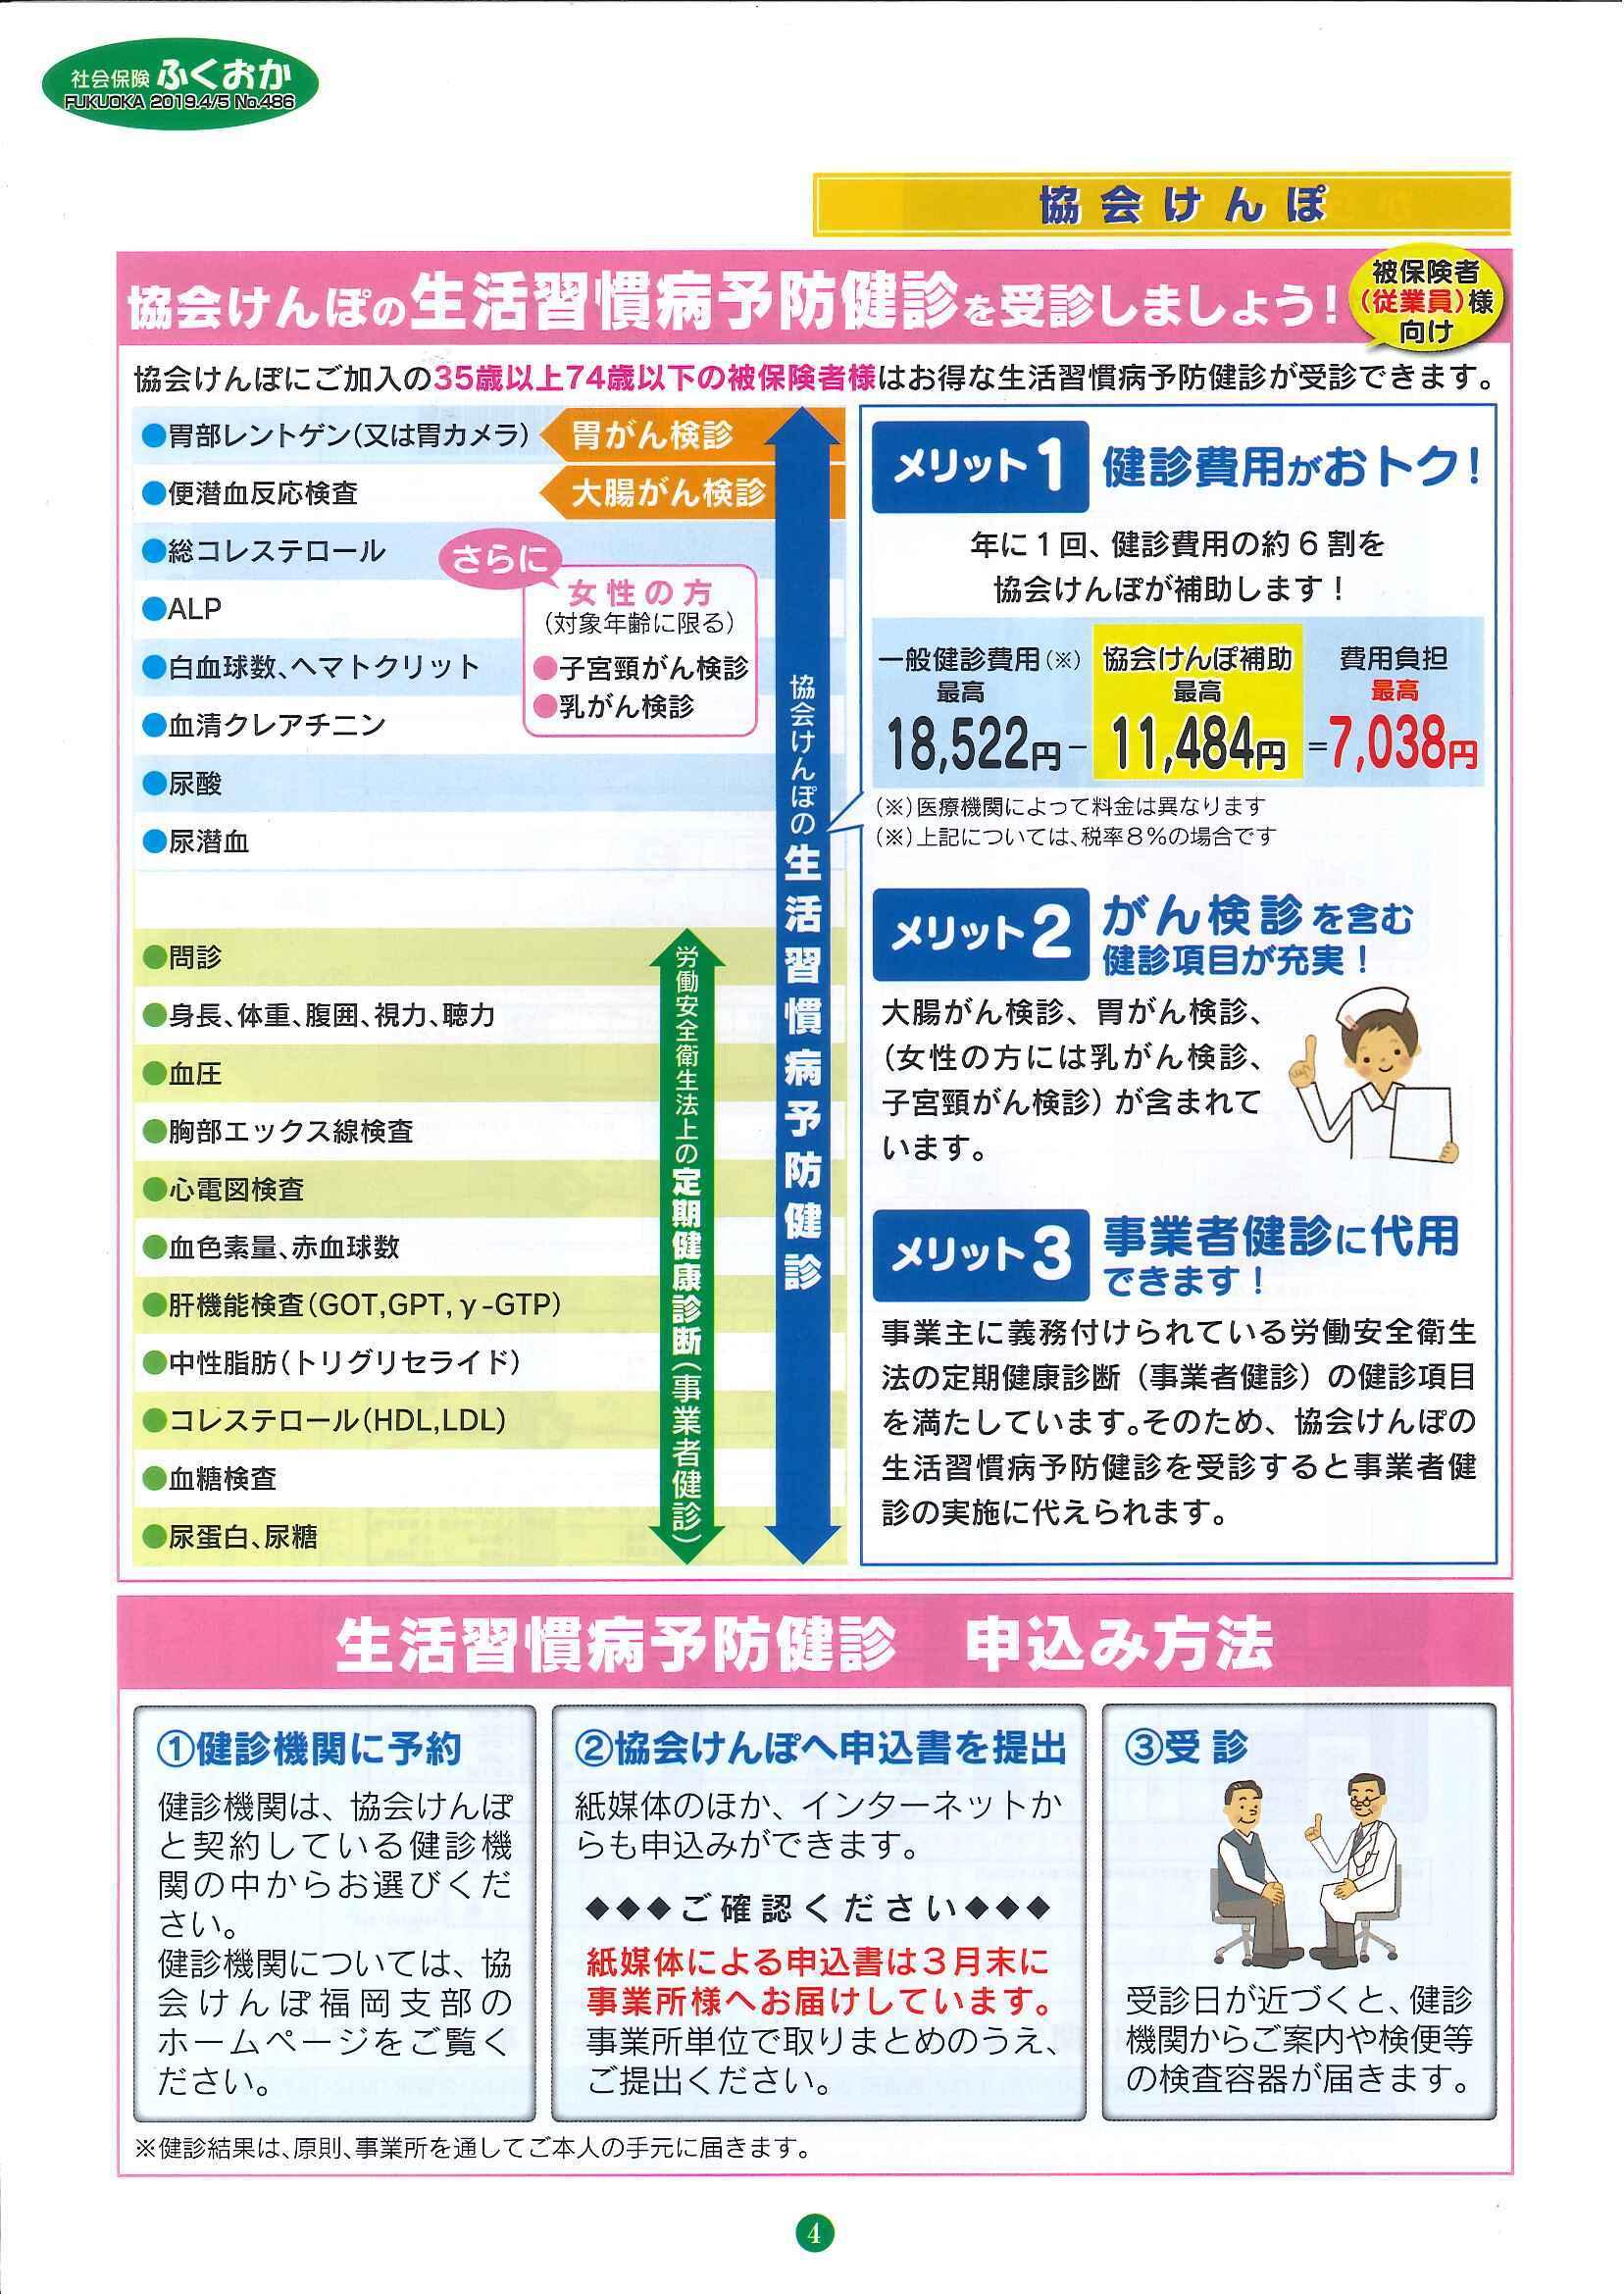 社会保険 ふくおか 2019年4・5月号_f0120774_15080777.jpg